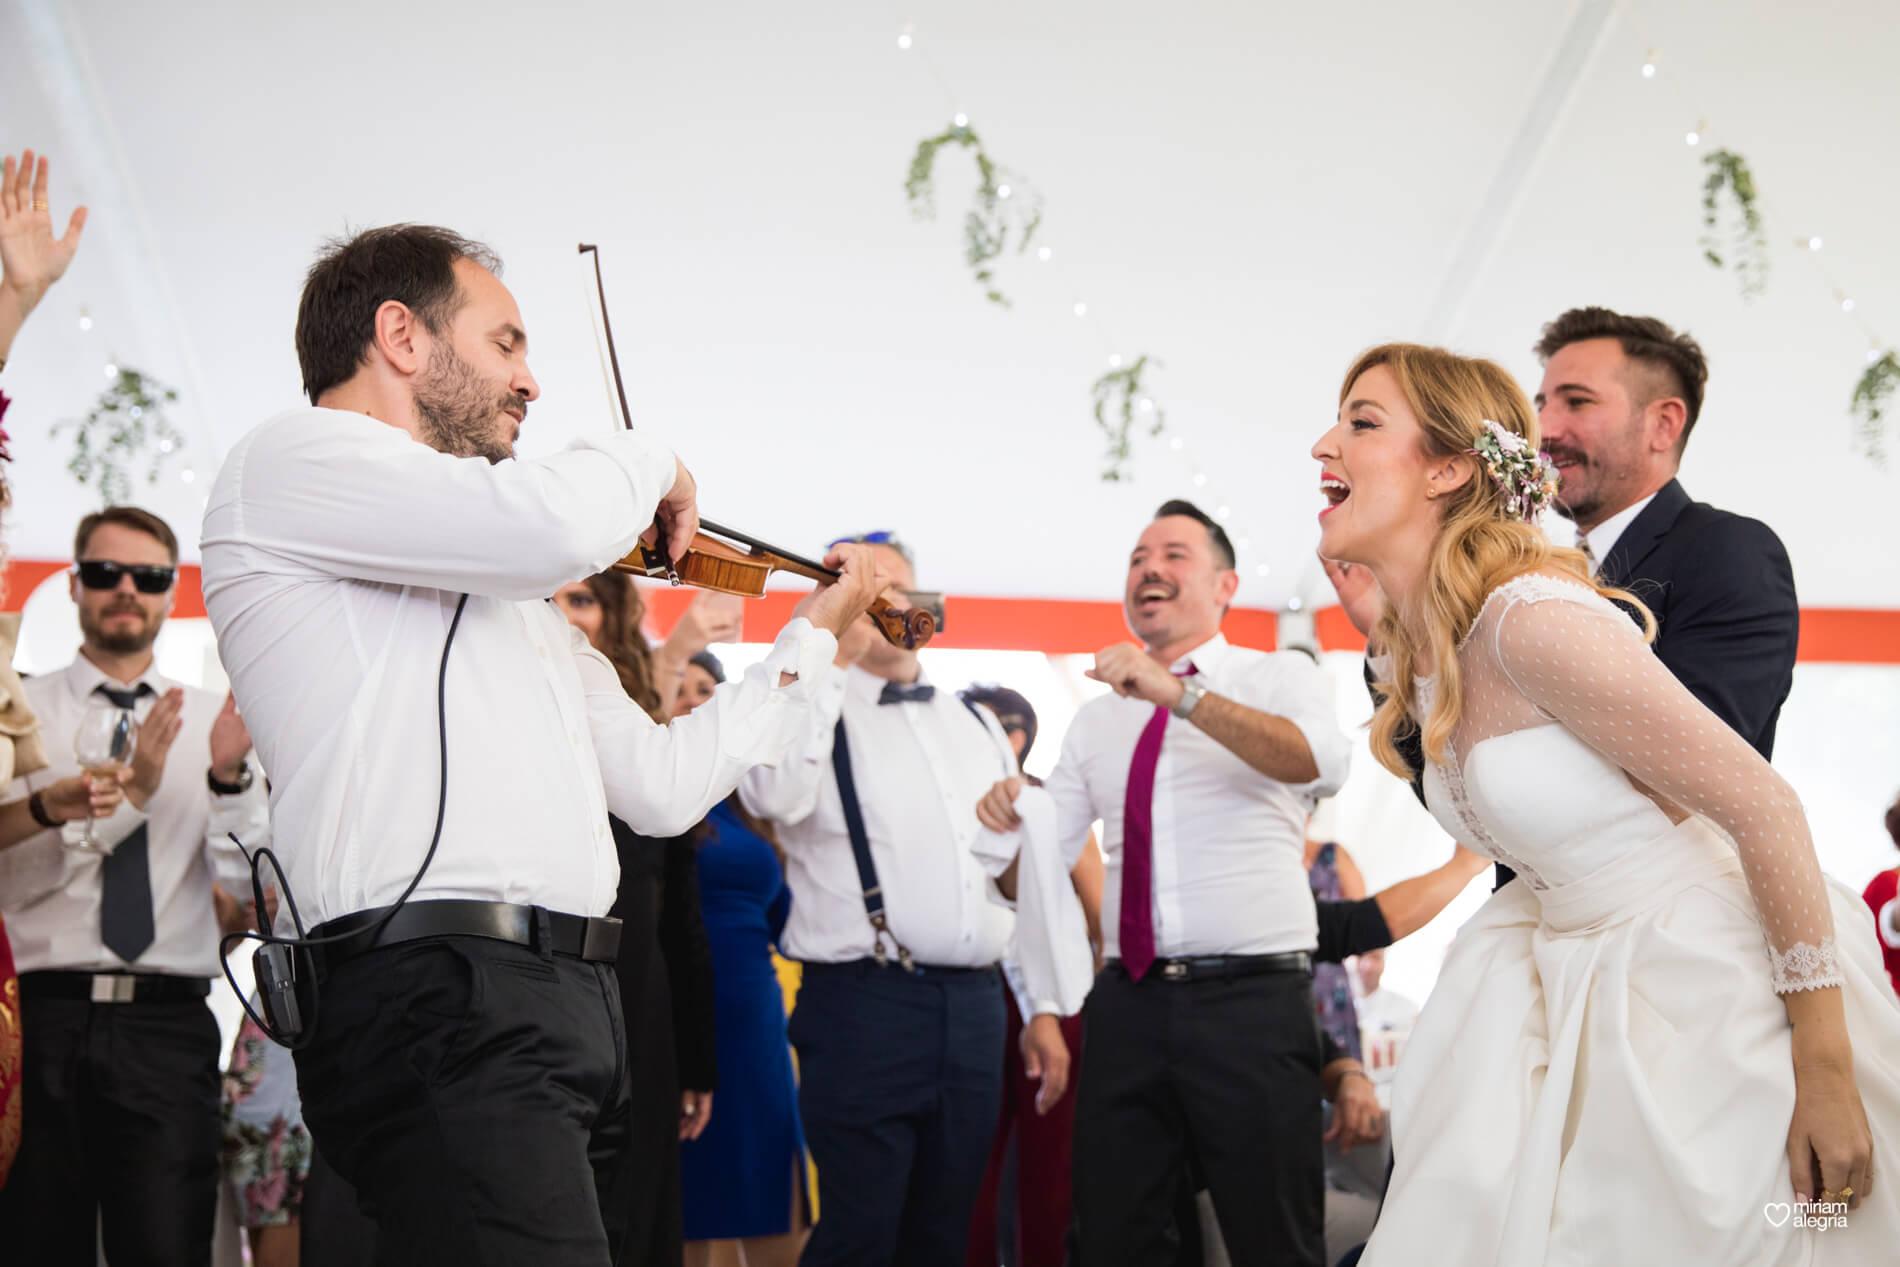 boda-en-finca-villa-vera-de-alemc7-miriam-alegria-fotografos-boda-murcia-156